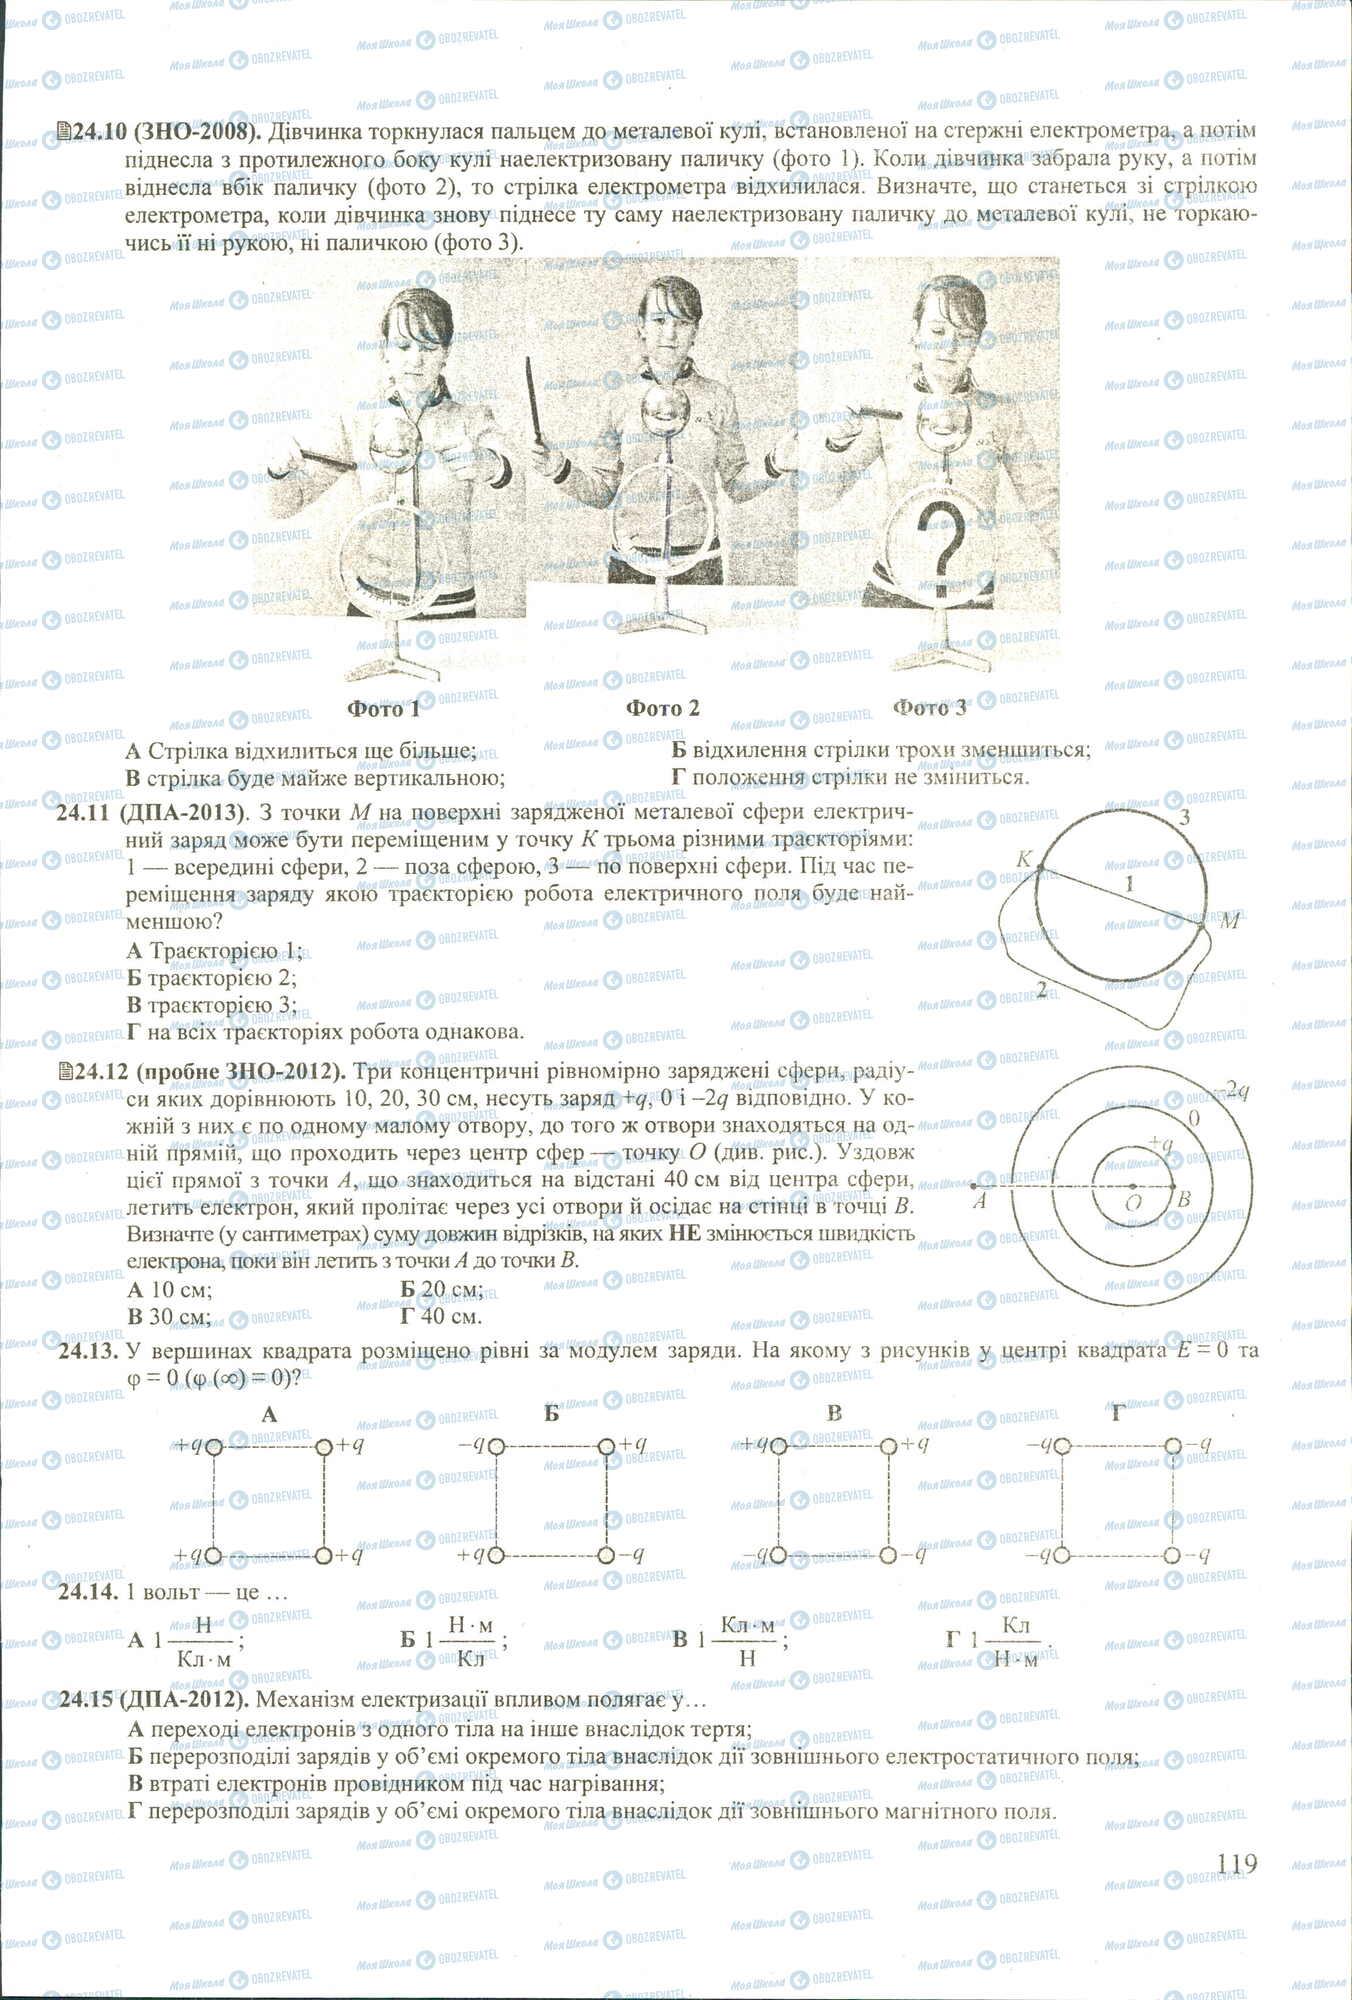 ЗНО Физика 11 класс страница 10-15